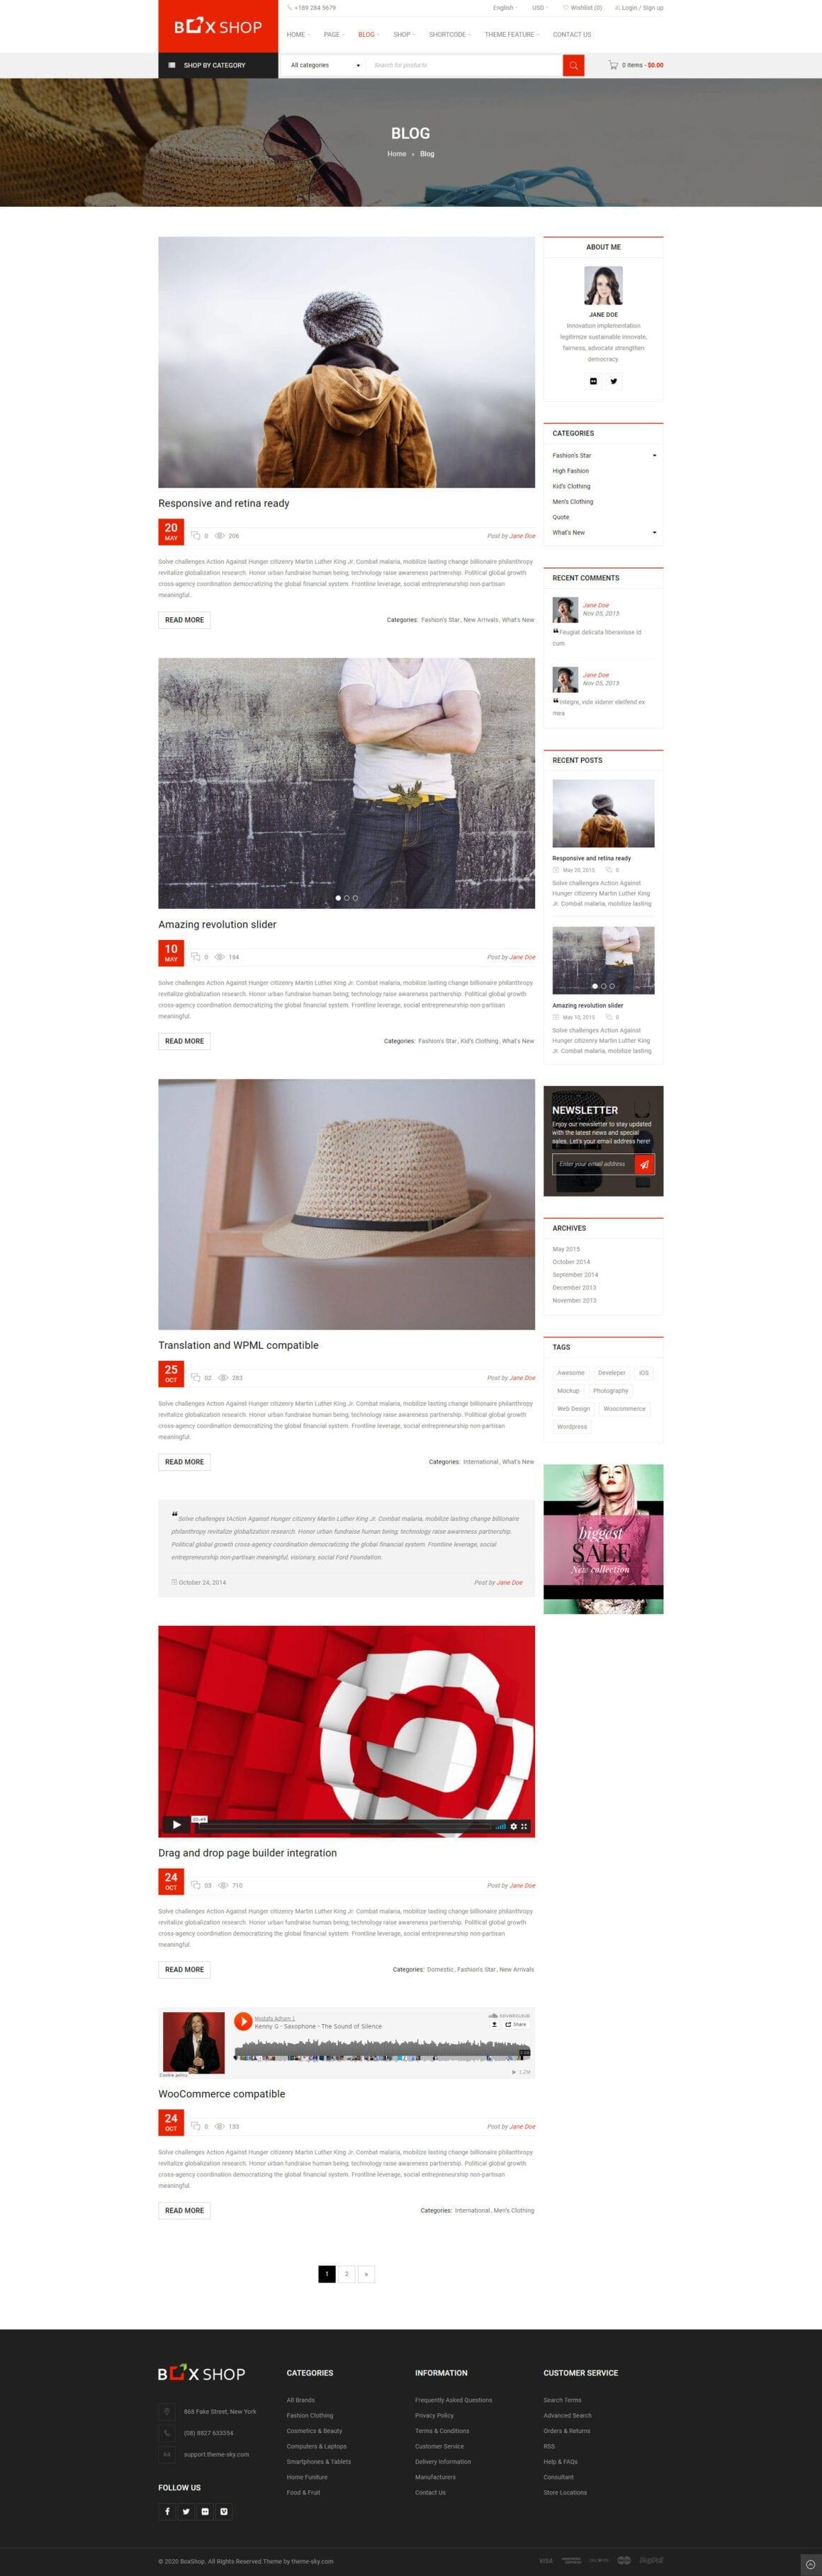 Темы интернет-магазина для ВордПресс